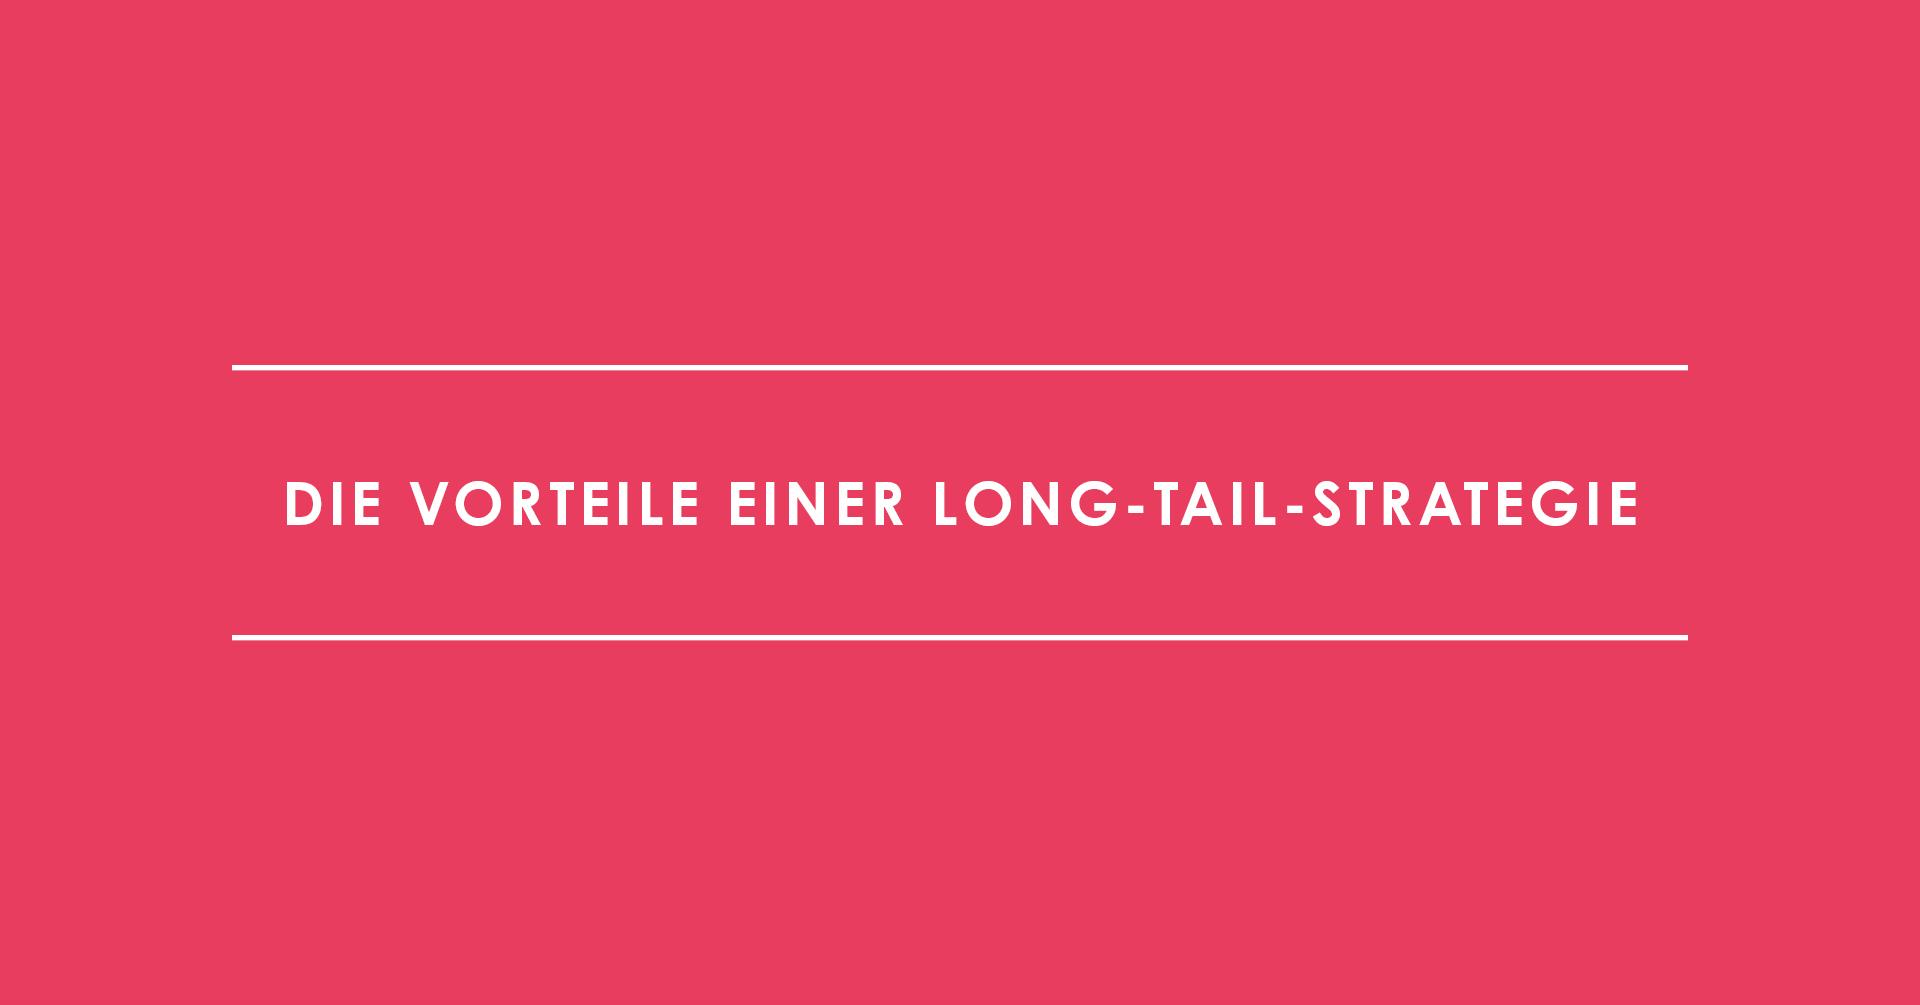 Die Vorteile einer Long-Tail-Strategie